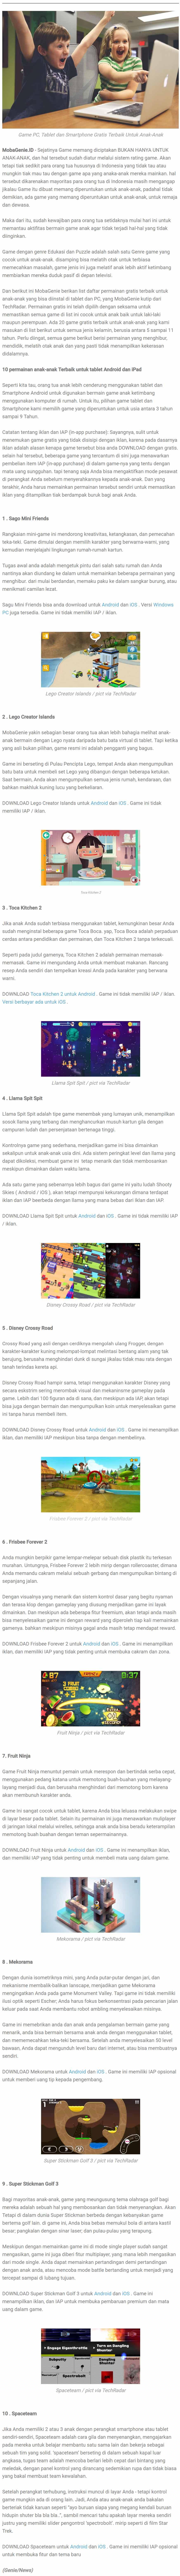 game-pc-tablet-dan-smartphone-gratis-terbaik-untuk-anak-anak